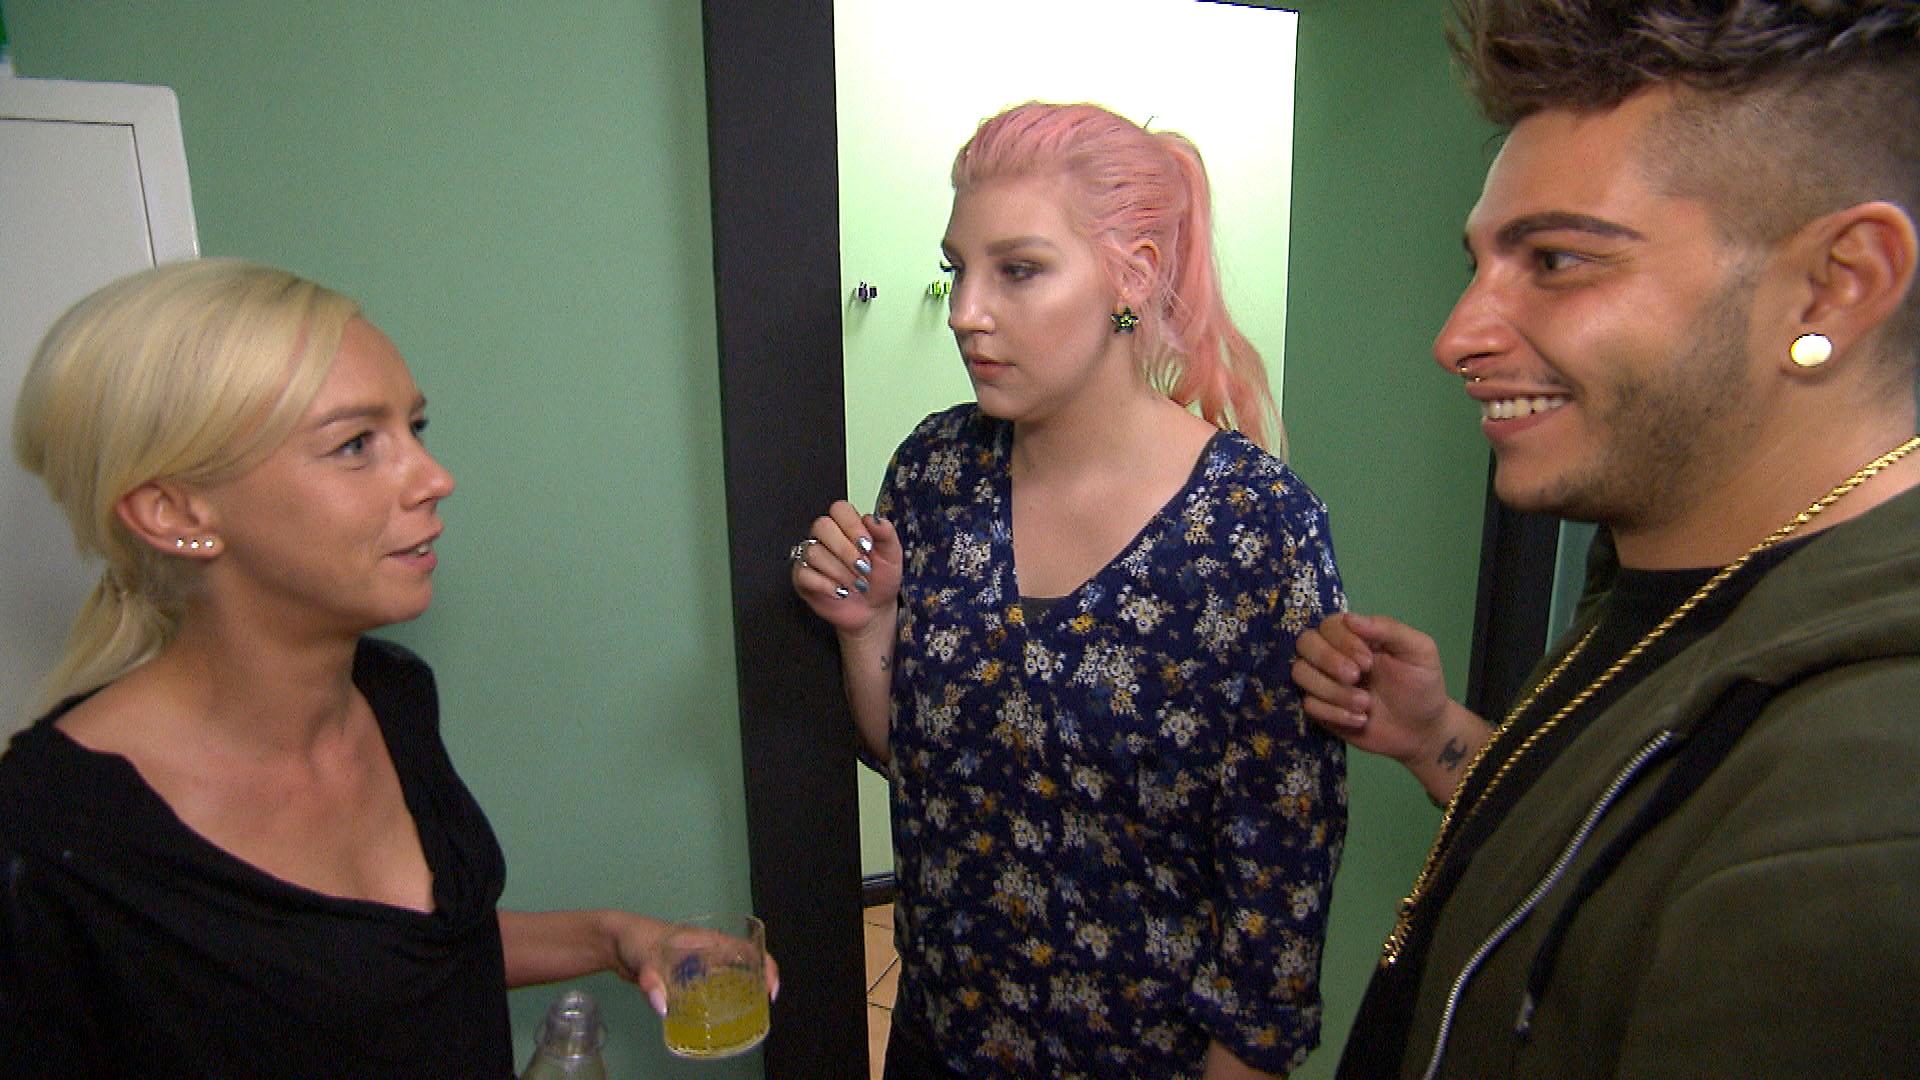 Als Peggy Paula und Rick von ihren Kinderplänen mit Theo erzählt, reagieren die beiden sehr verhalten. (Quelle: RTL 2)